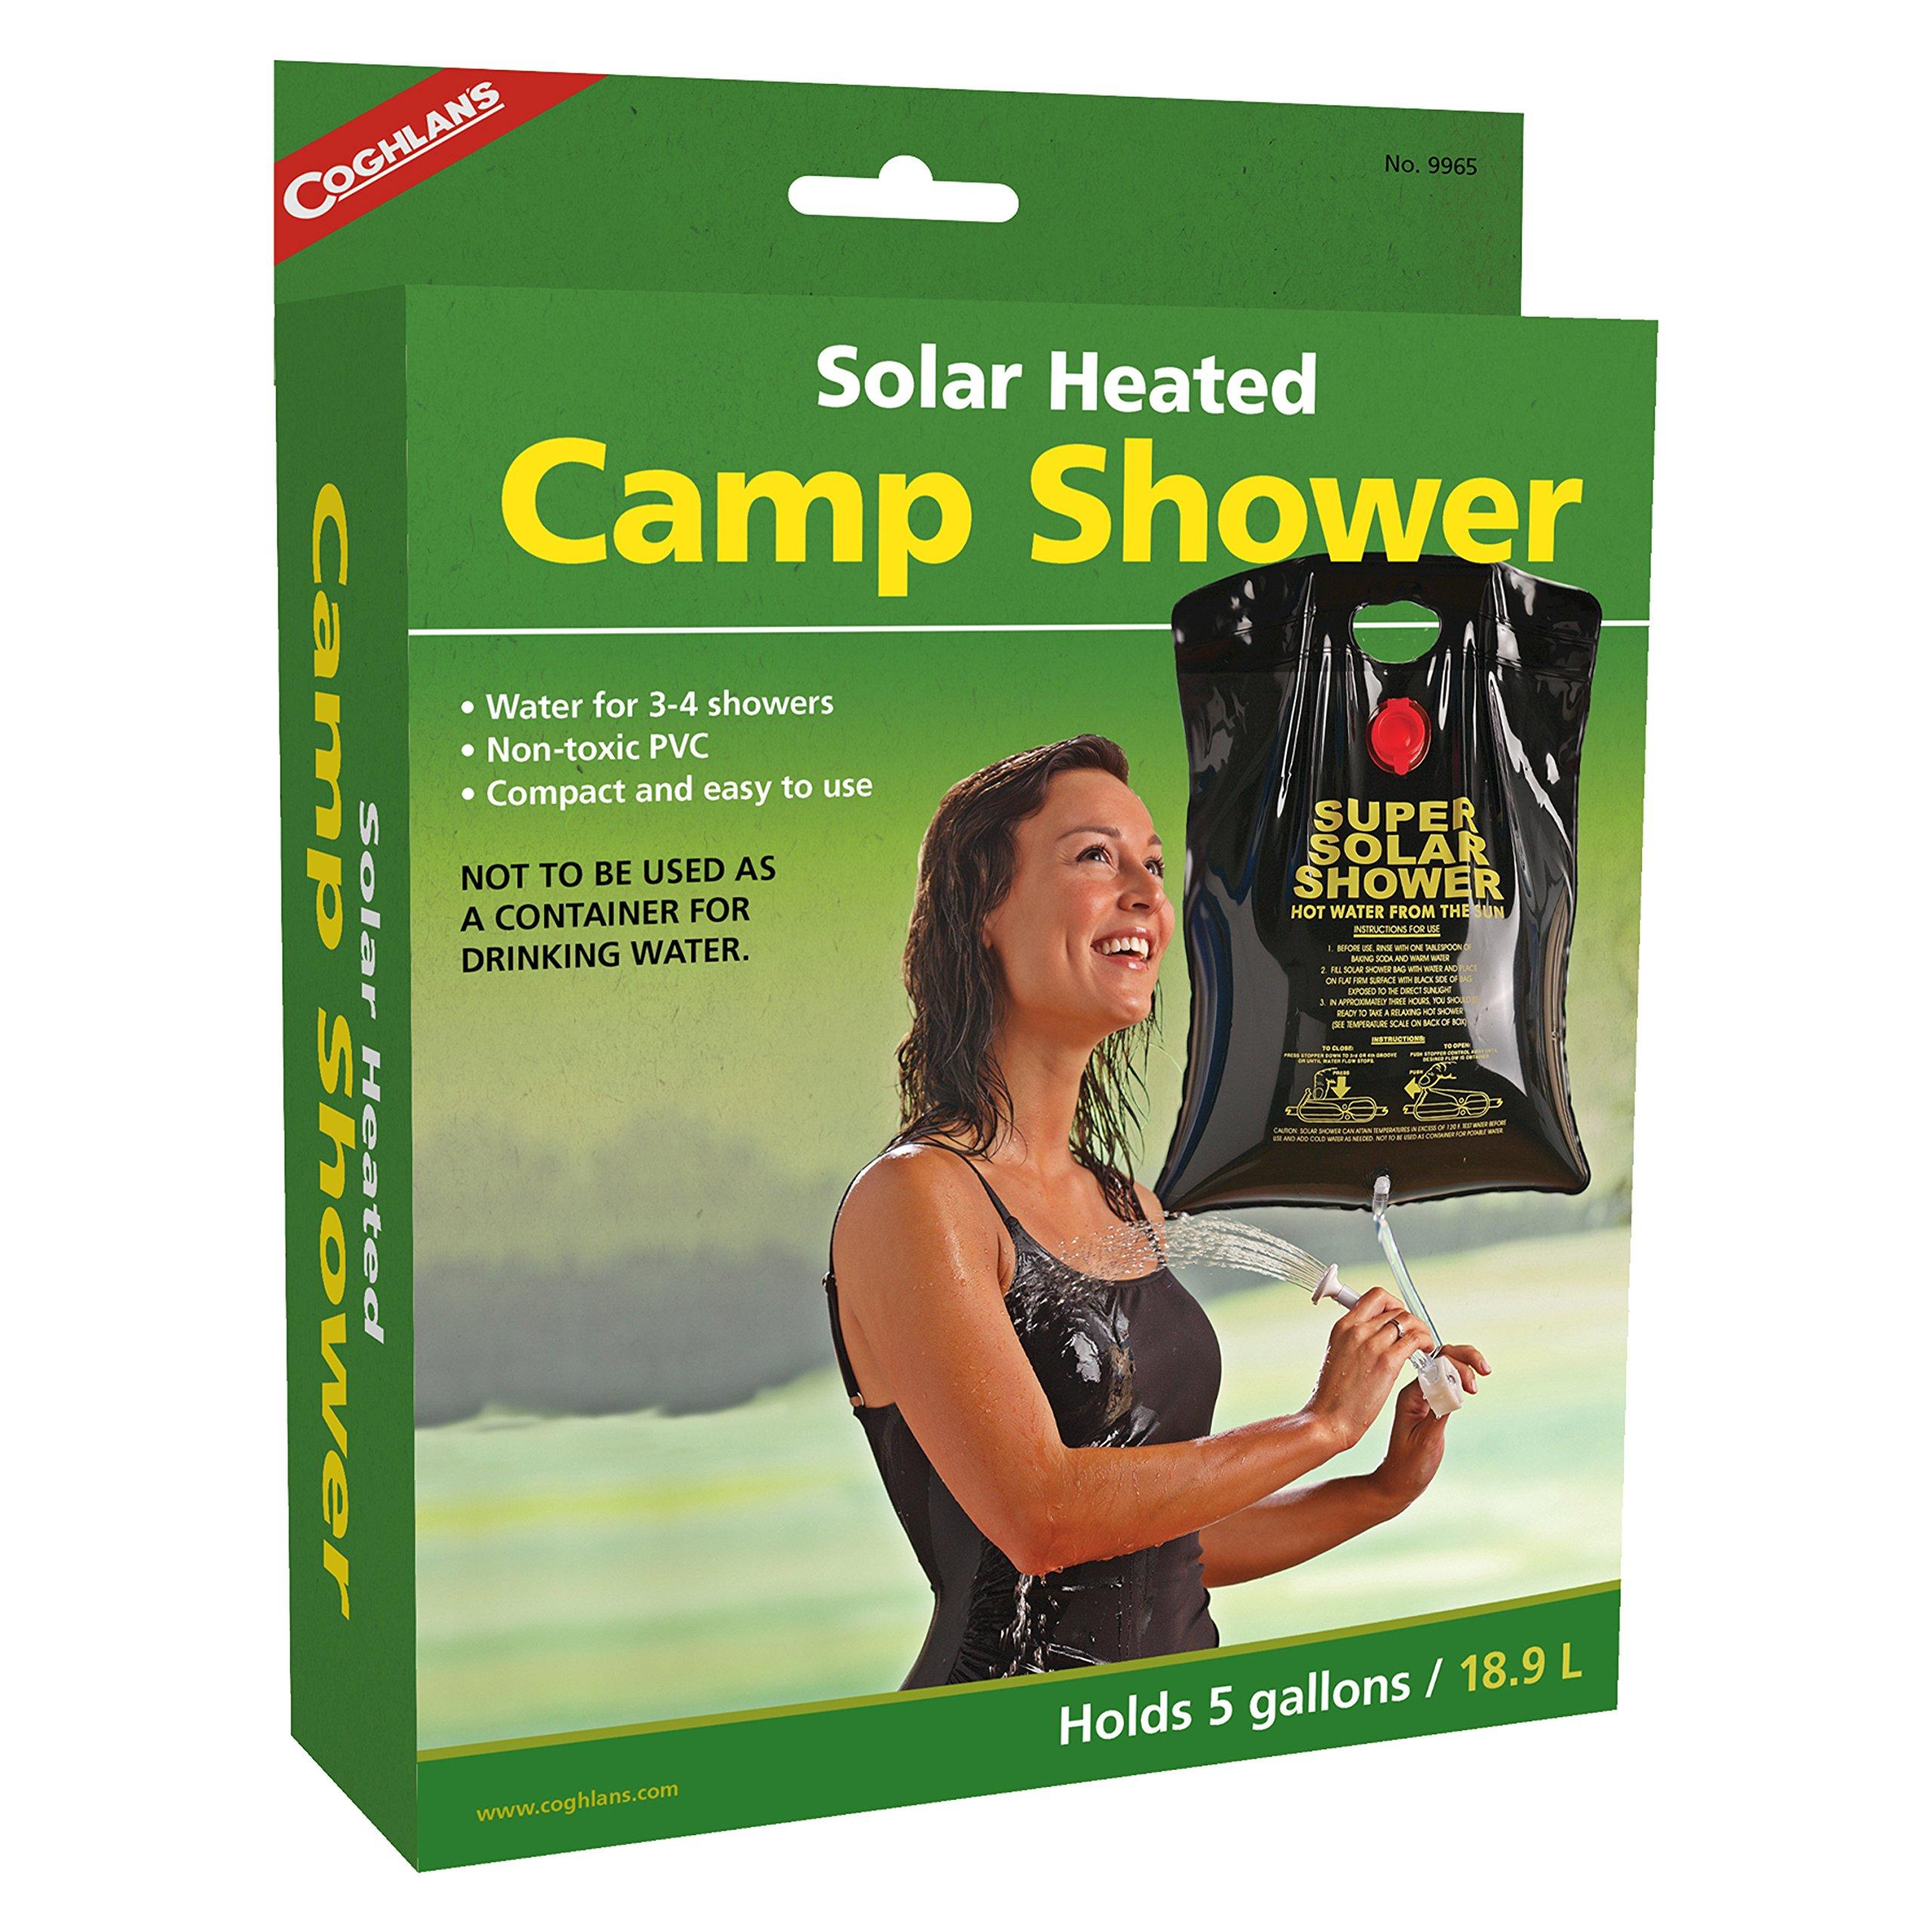 Coghlans 9965 5 Gallon Solar Heated Camp Shower